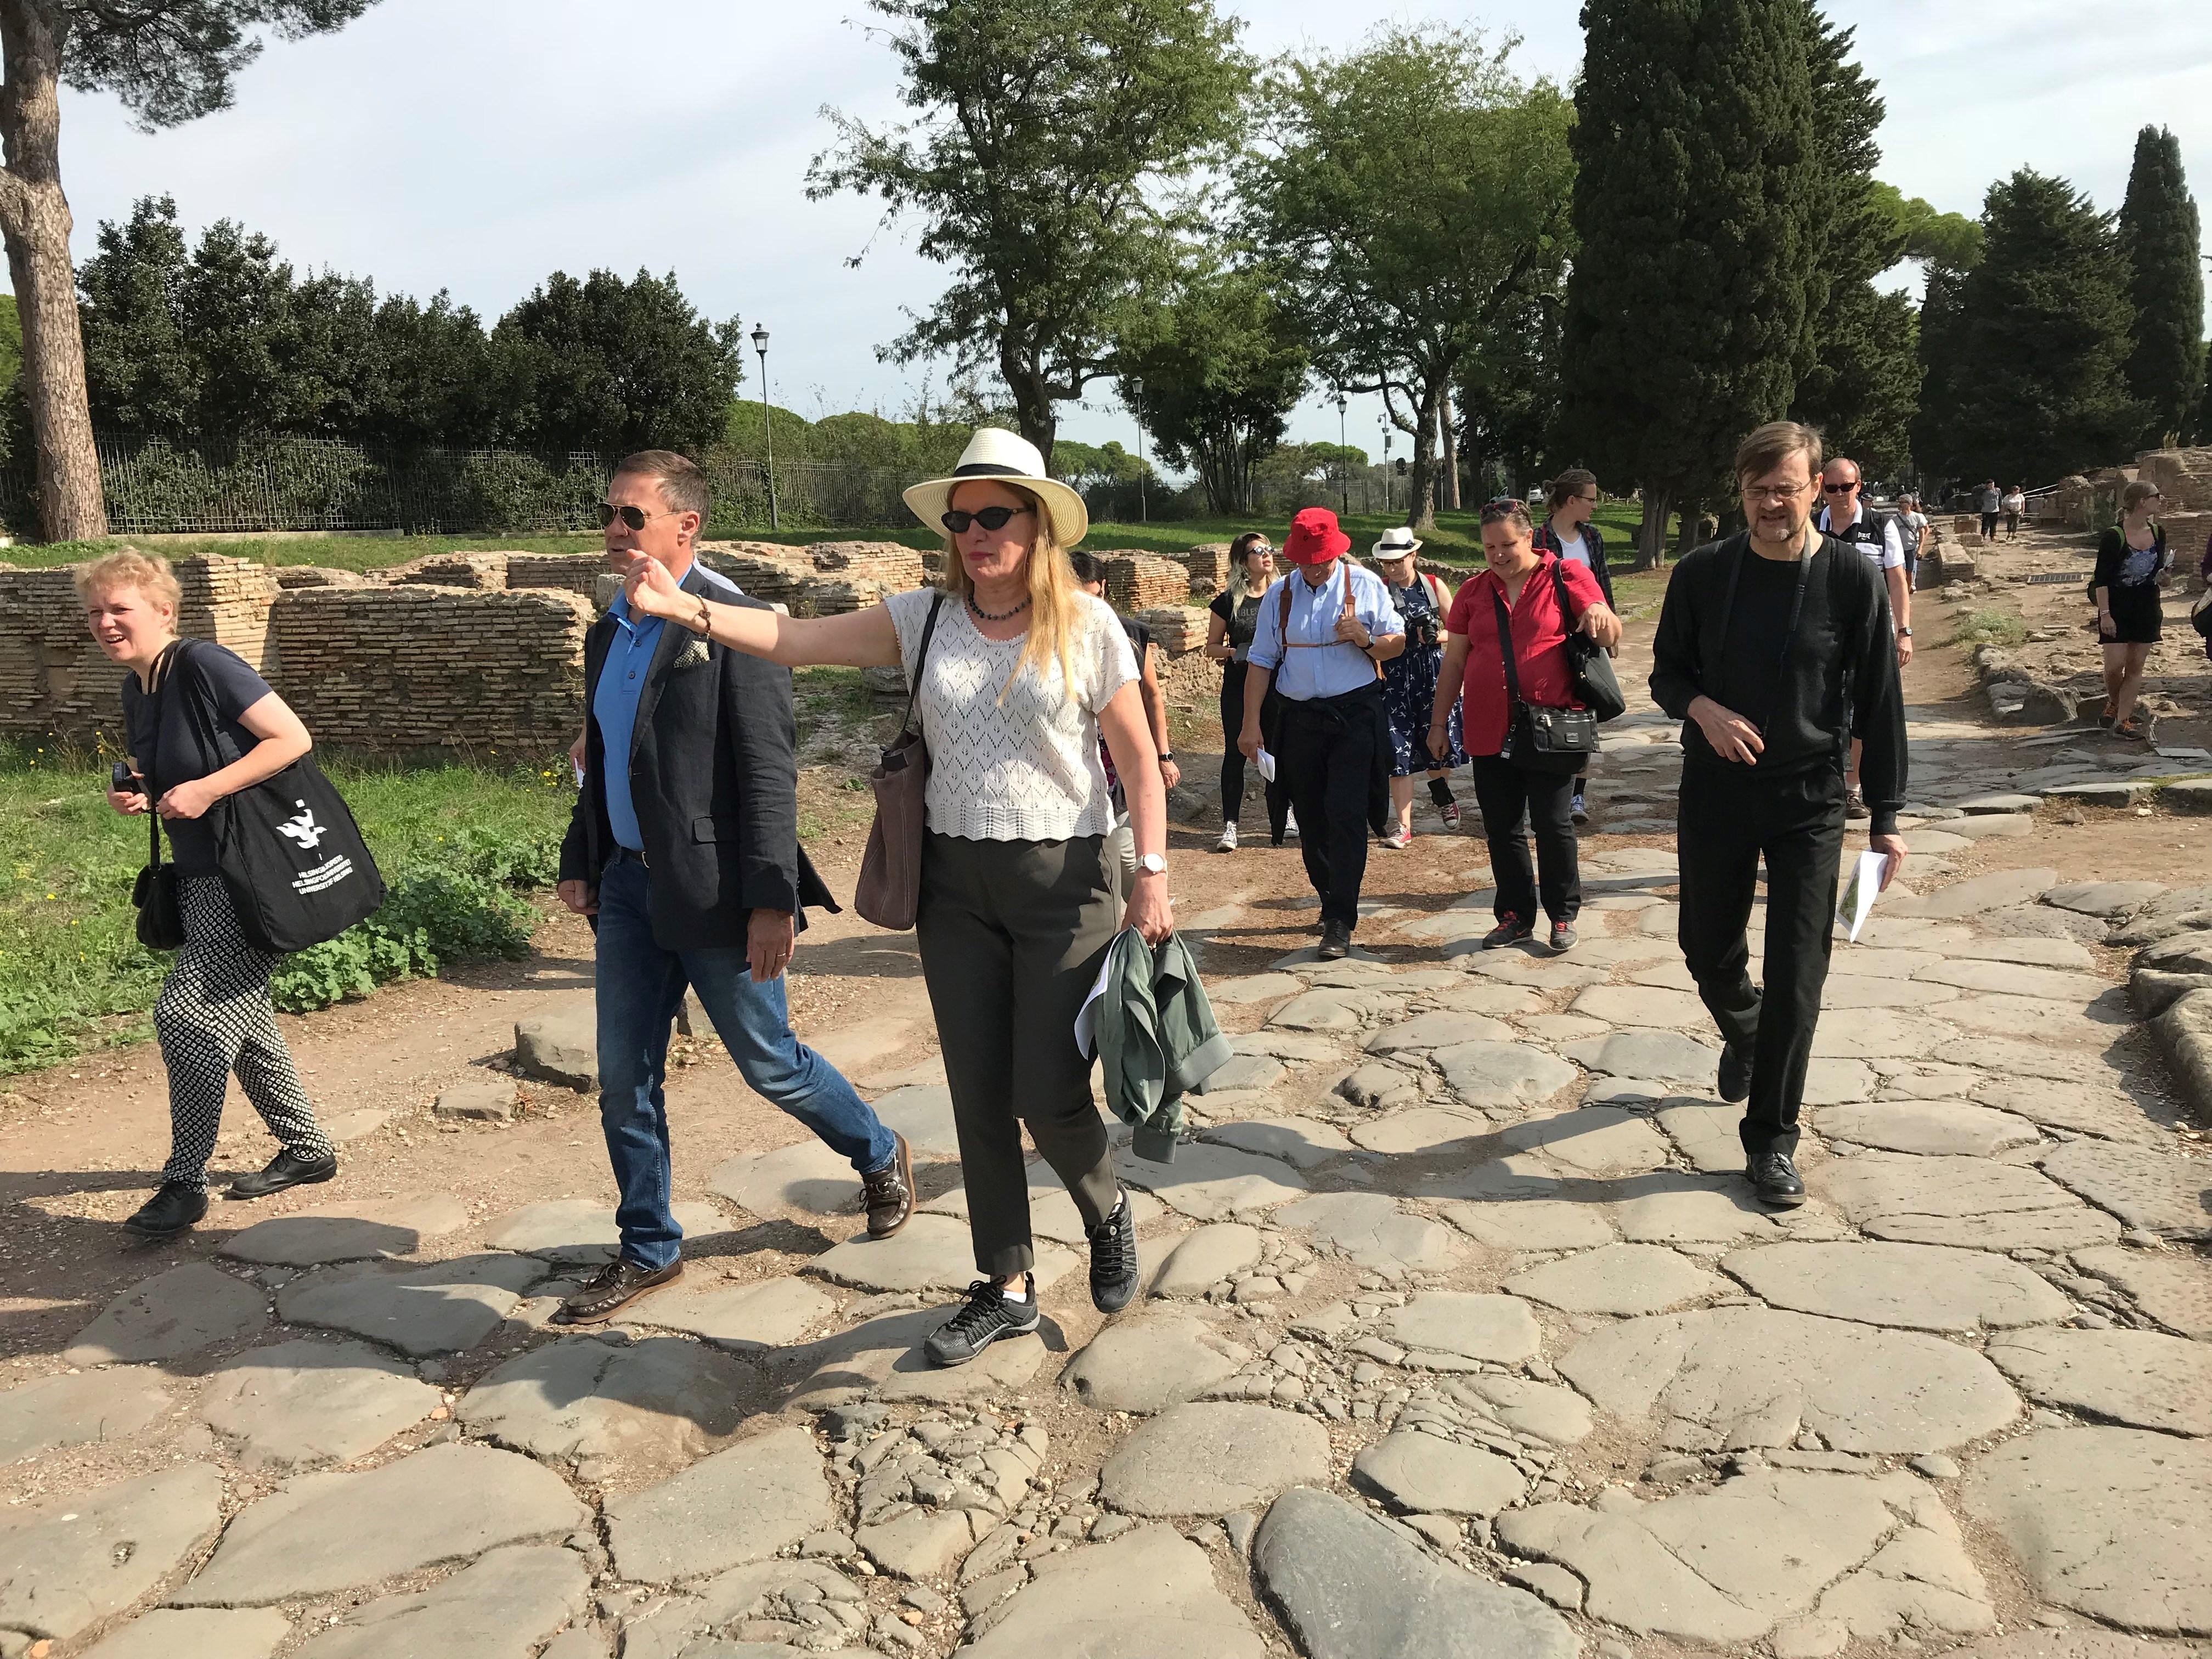 Människor promenerar på en väg av stenar invid ruiner.